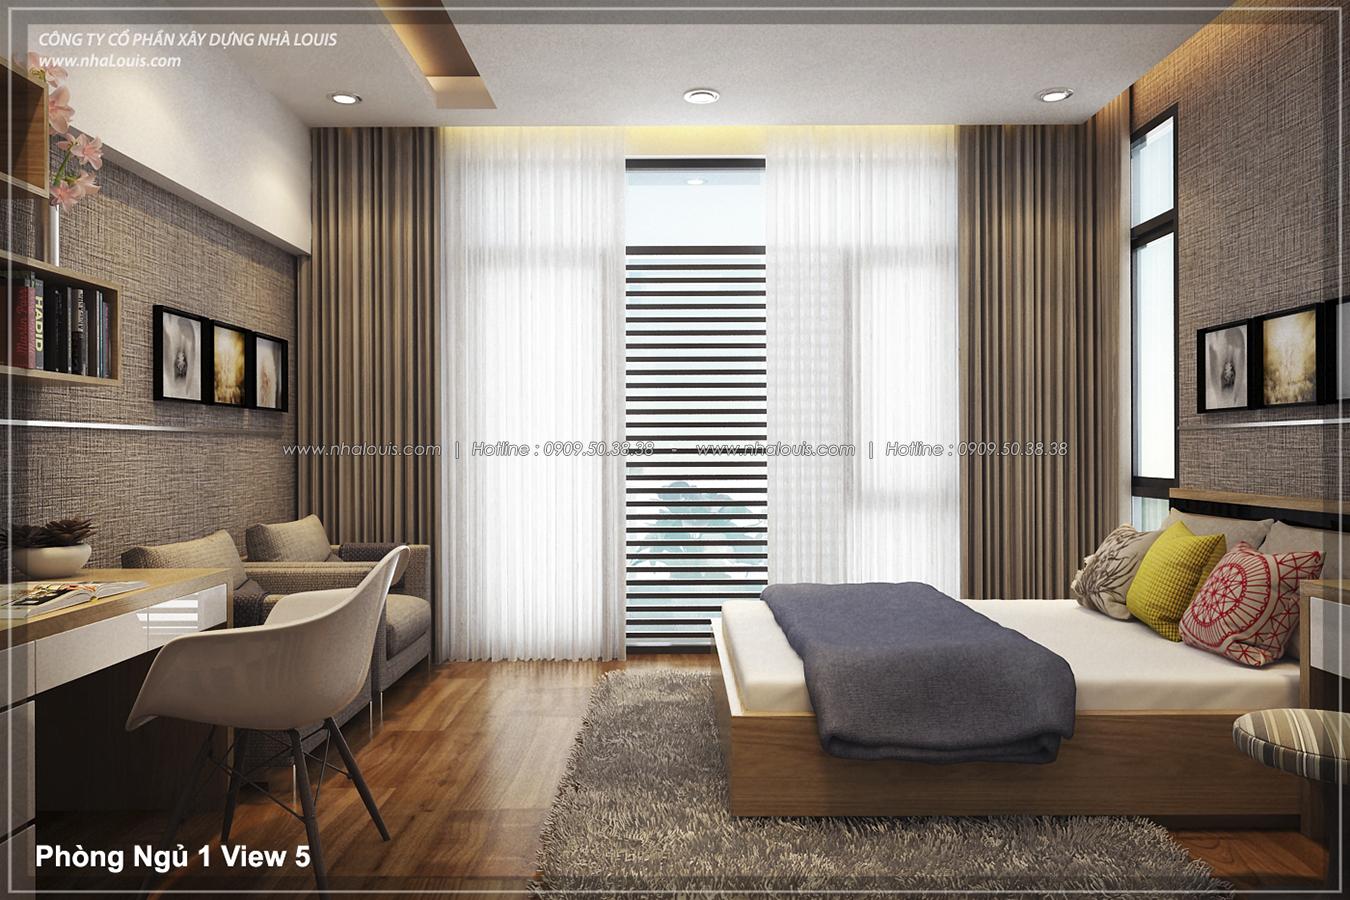 Thiết kế nhà lệch tầng hiện đại mặt tiền 4.5m x 14.5m tại quận Tân Bình - 16